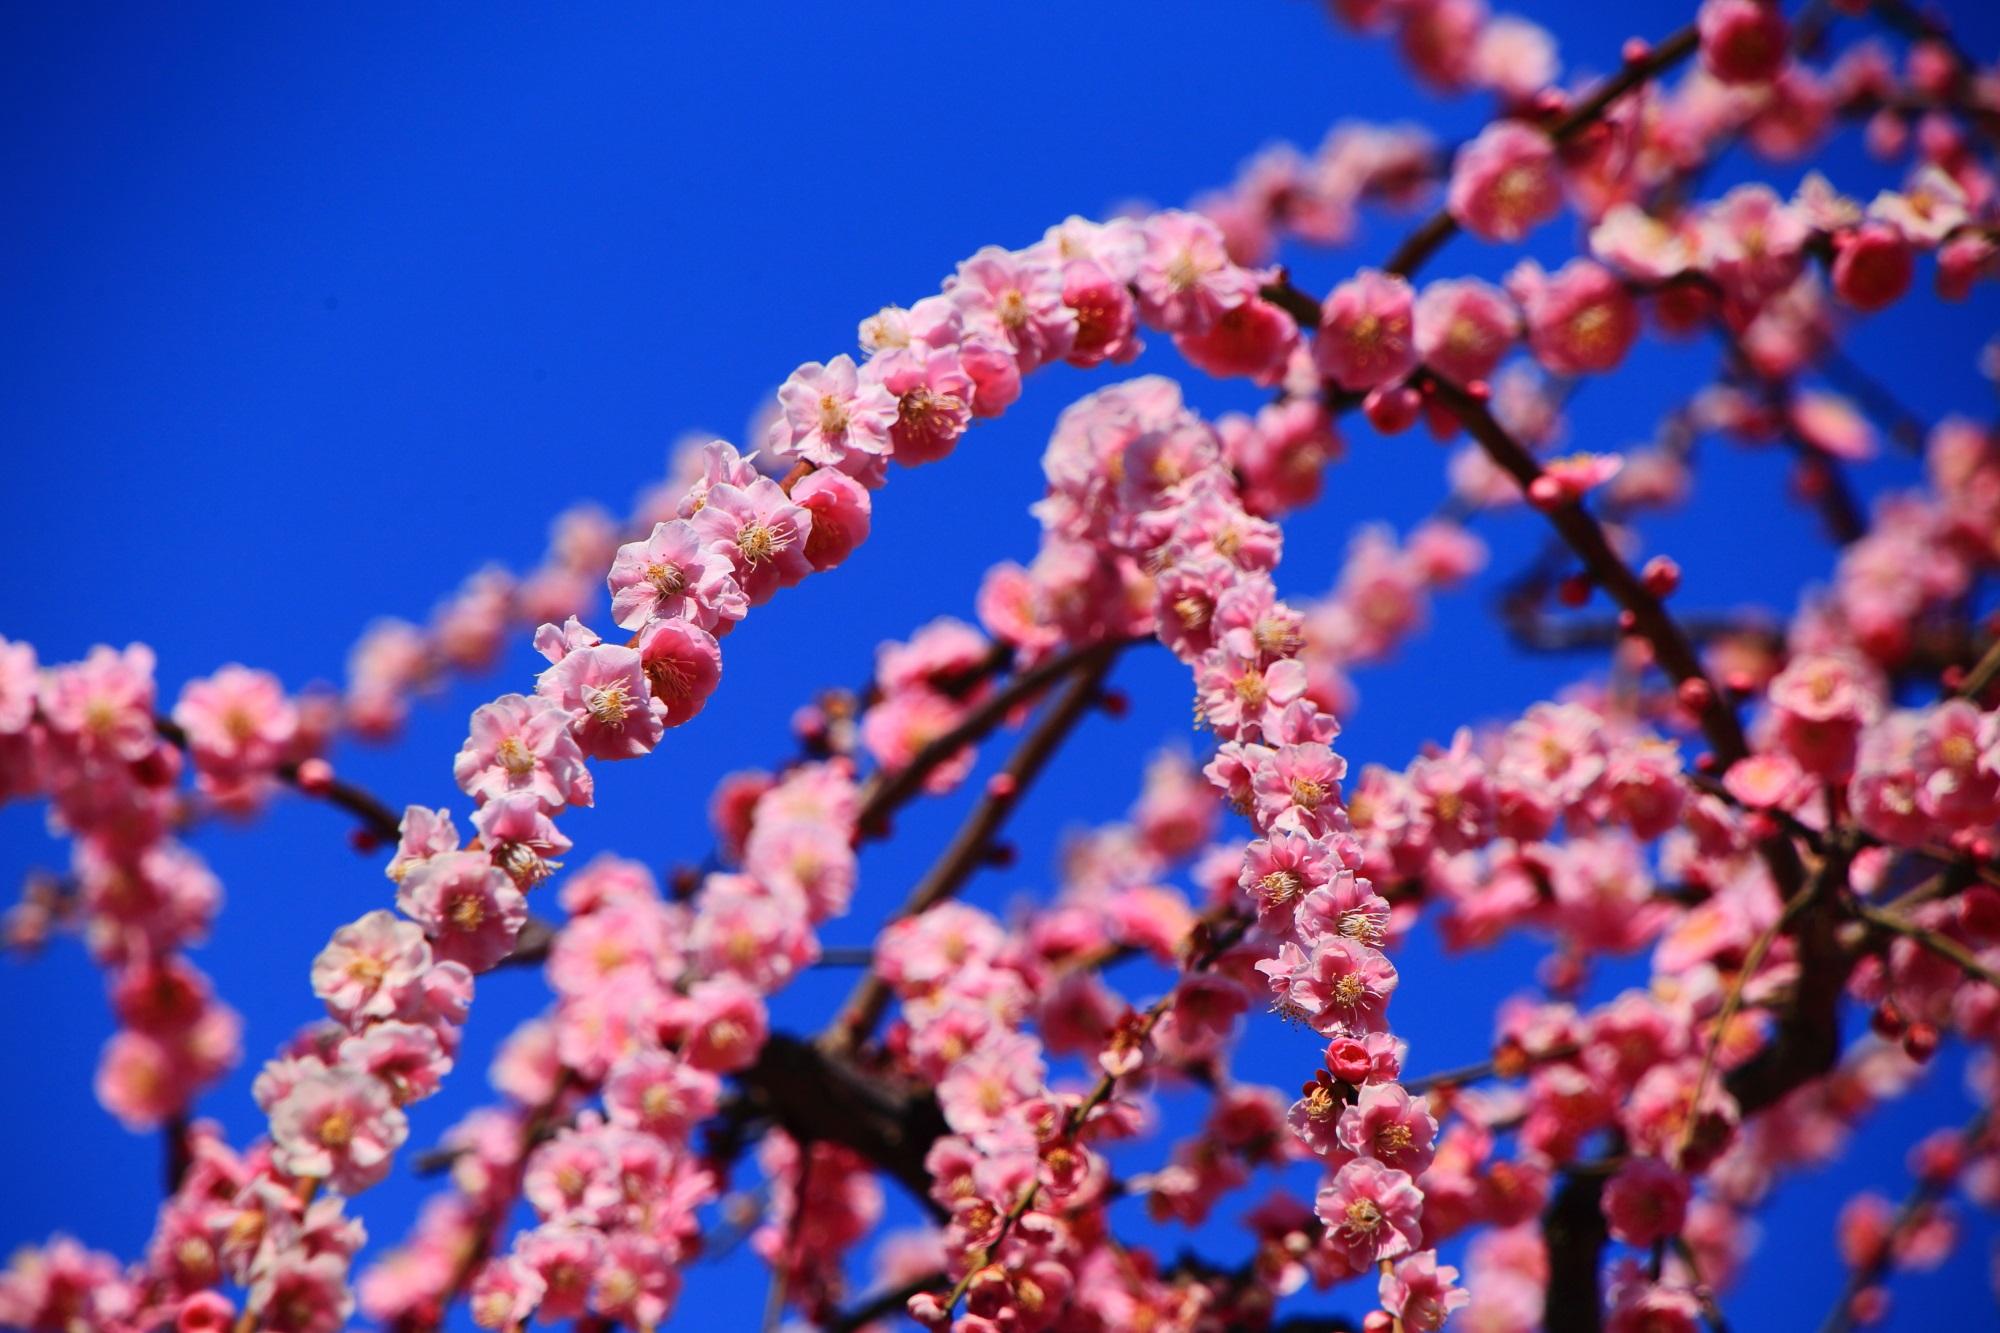 枝に綺麗に整列して咲きそろう華やかな梅の花